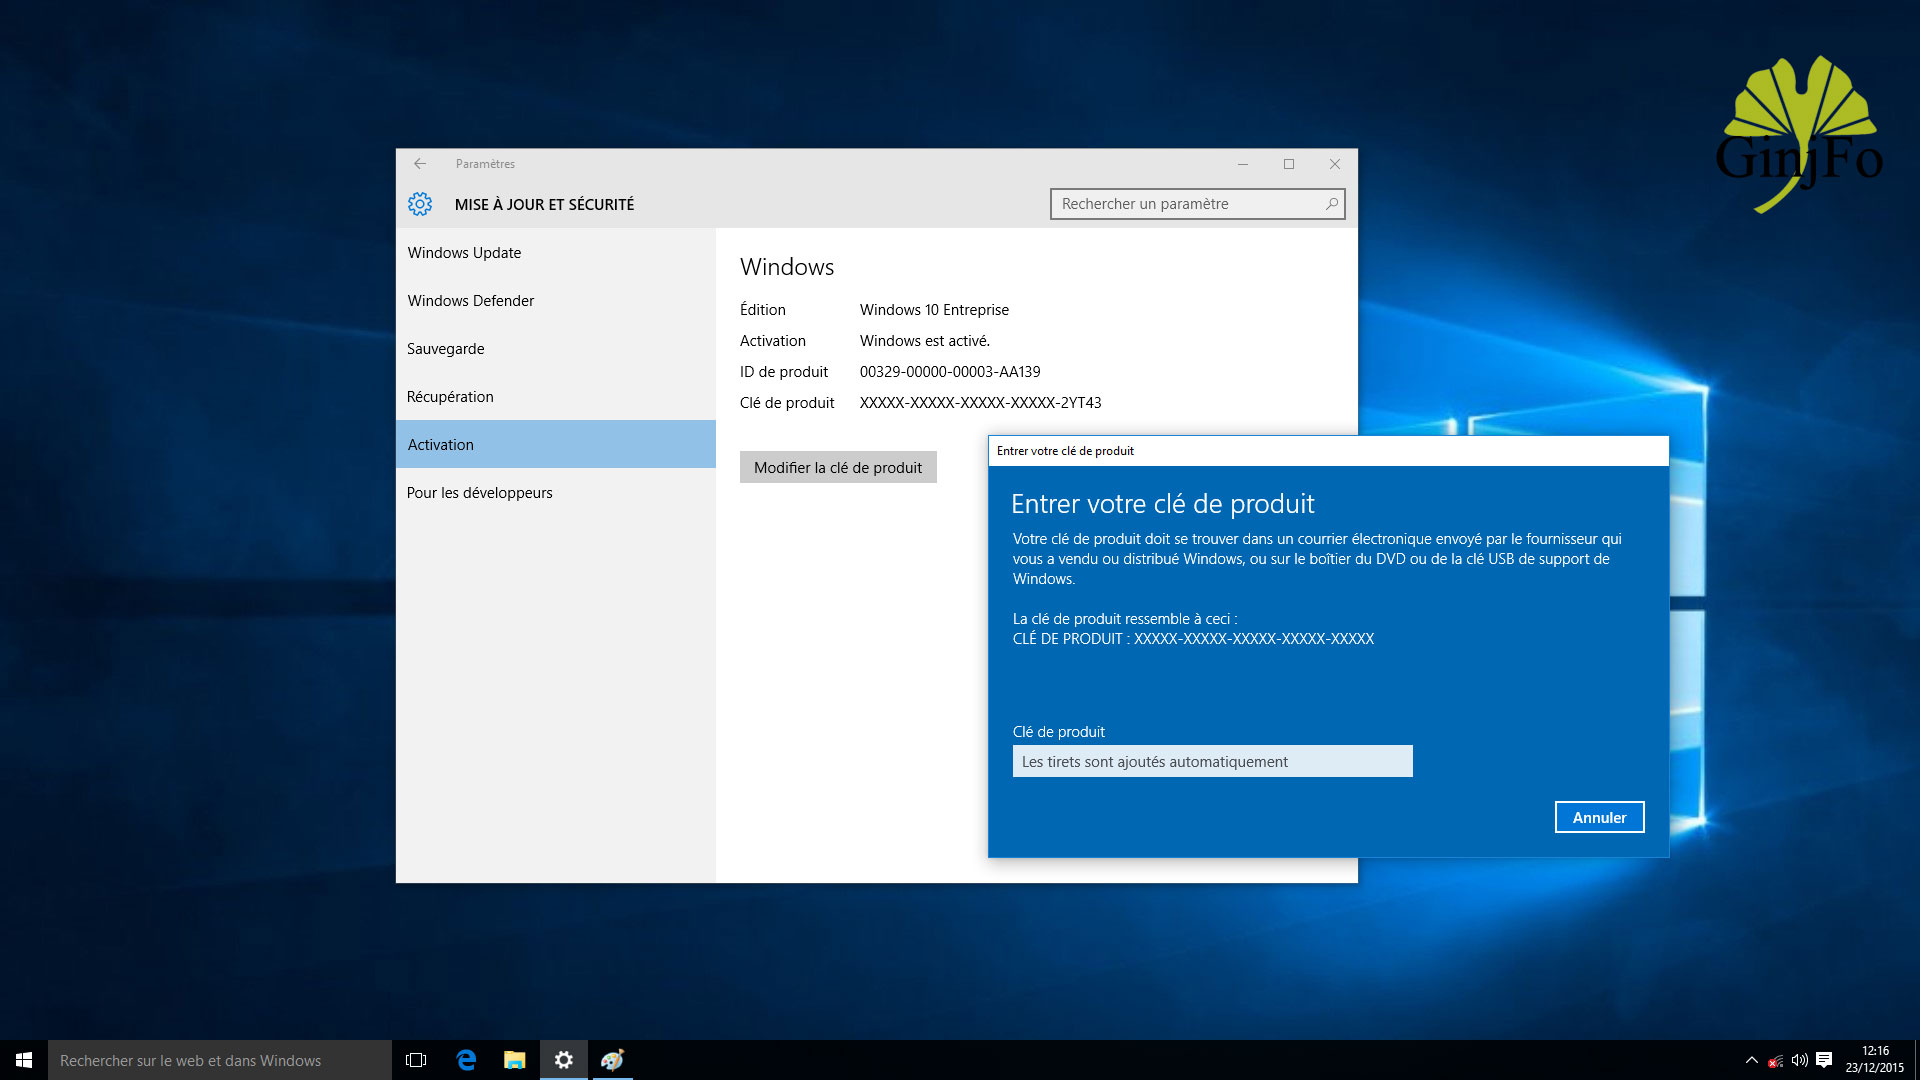 Windows 10 comment passer de la version home pro ginjfo - Comment classer ses photos avec windows 10 ...